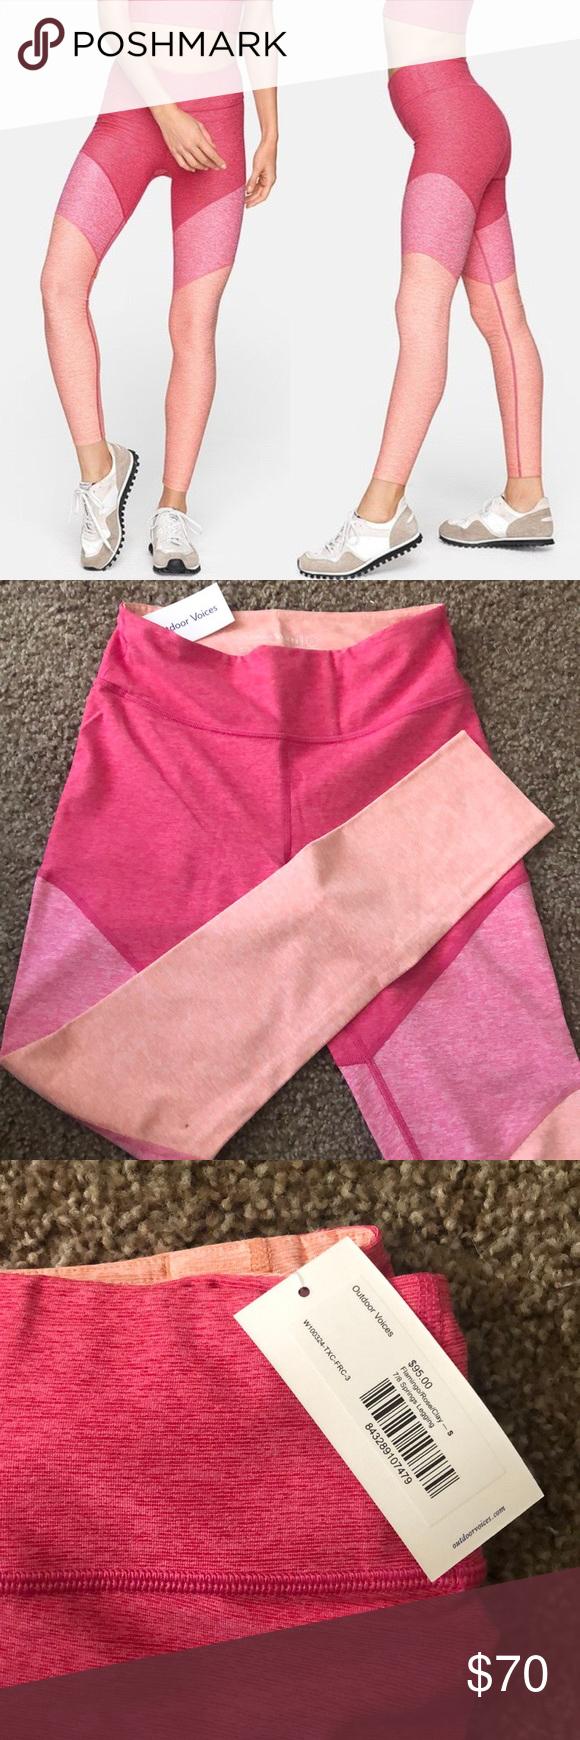 d786b67ade87e NWT Outdoor Voices leggings NWT flamingo/rose/clay 7/8 spring leggings/ size  small/ perfect condition Outdoor Voices Pants Leggings